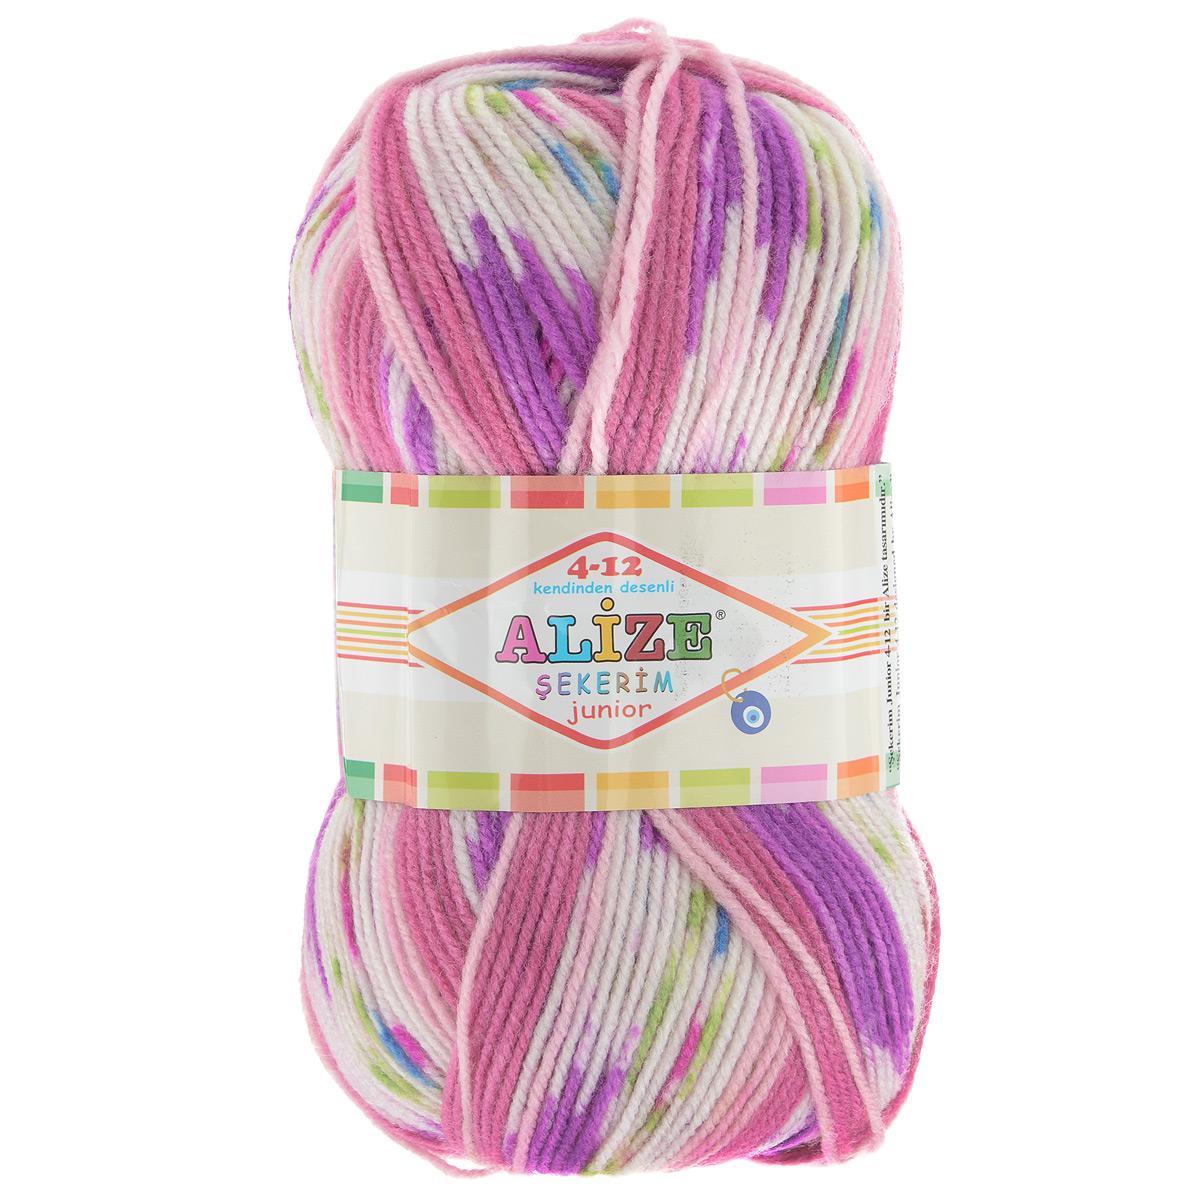 Пряжа для вязания Alize Sekerim Junior, цвет: белый, розовый, сиреневый (706), 320 м,100 г, 5 шт364082_706Пряжа Alize Sekerim Junior создана для вязания детских вещей. Мягкая и красивая нить в процессе вязания превращается в оригинальный узор в стиле жаккард. Рекомендованные спицы 3-4 мм и крючок для вязания 2-4 мм. Комплектация: 5 мотков. Состав: 90% акрил, 10% полиамид.